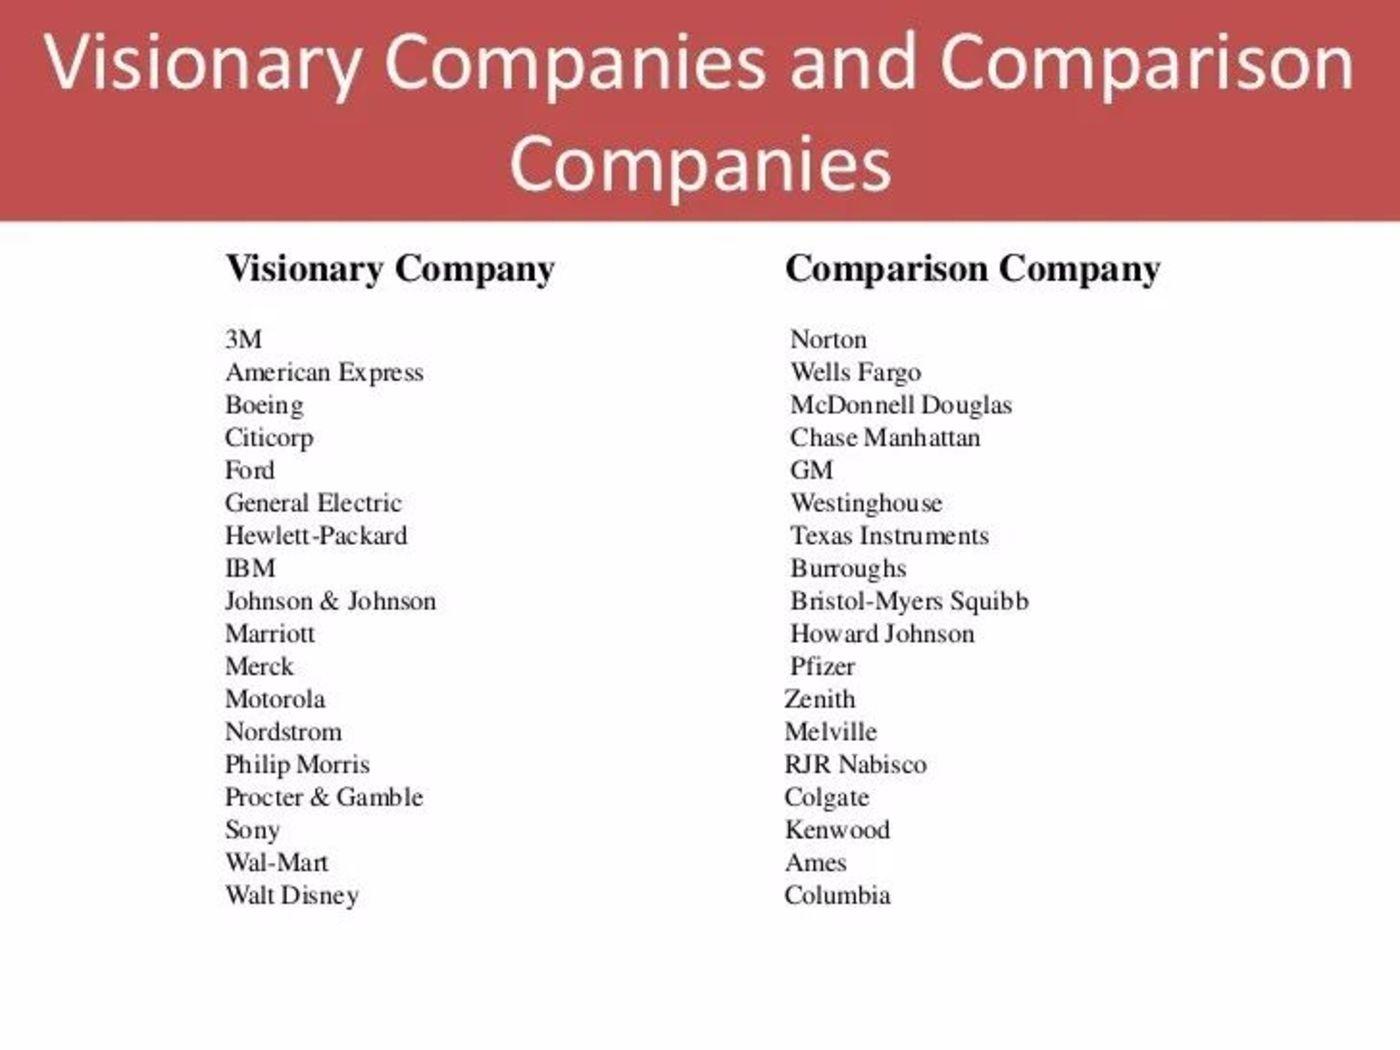 《基业长青》中那些公司基业长青了吗?